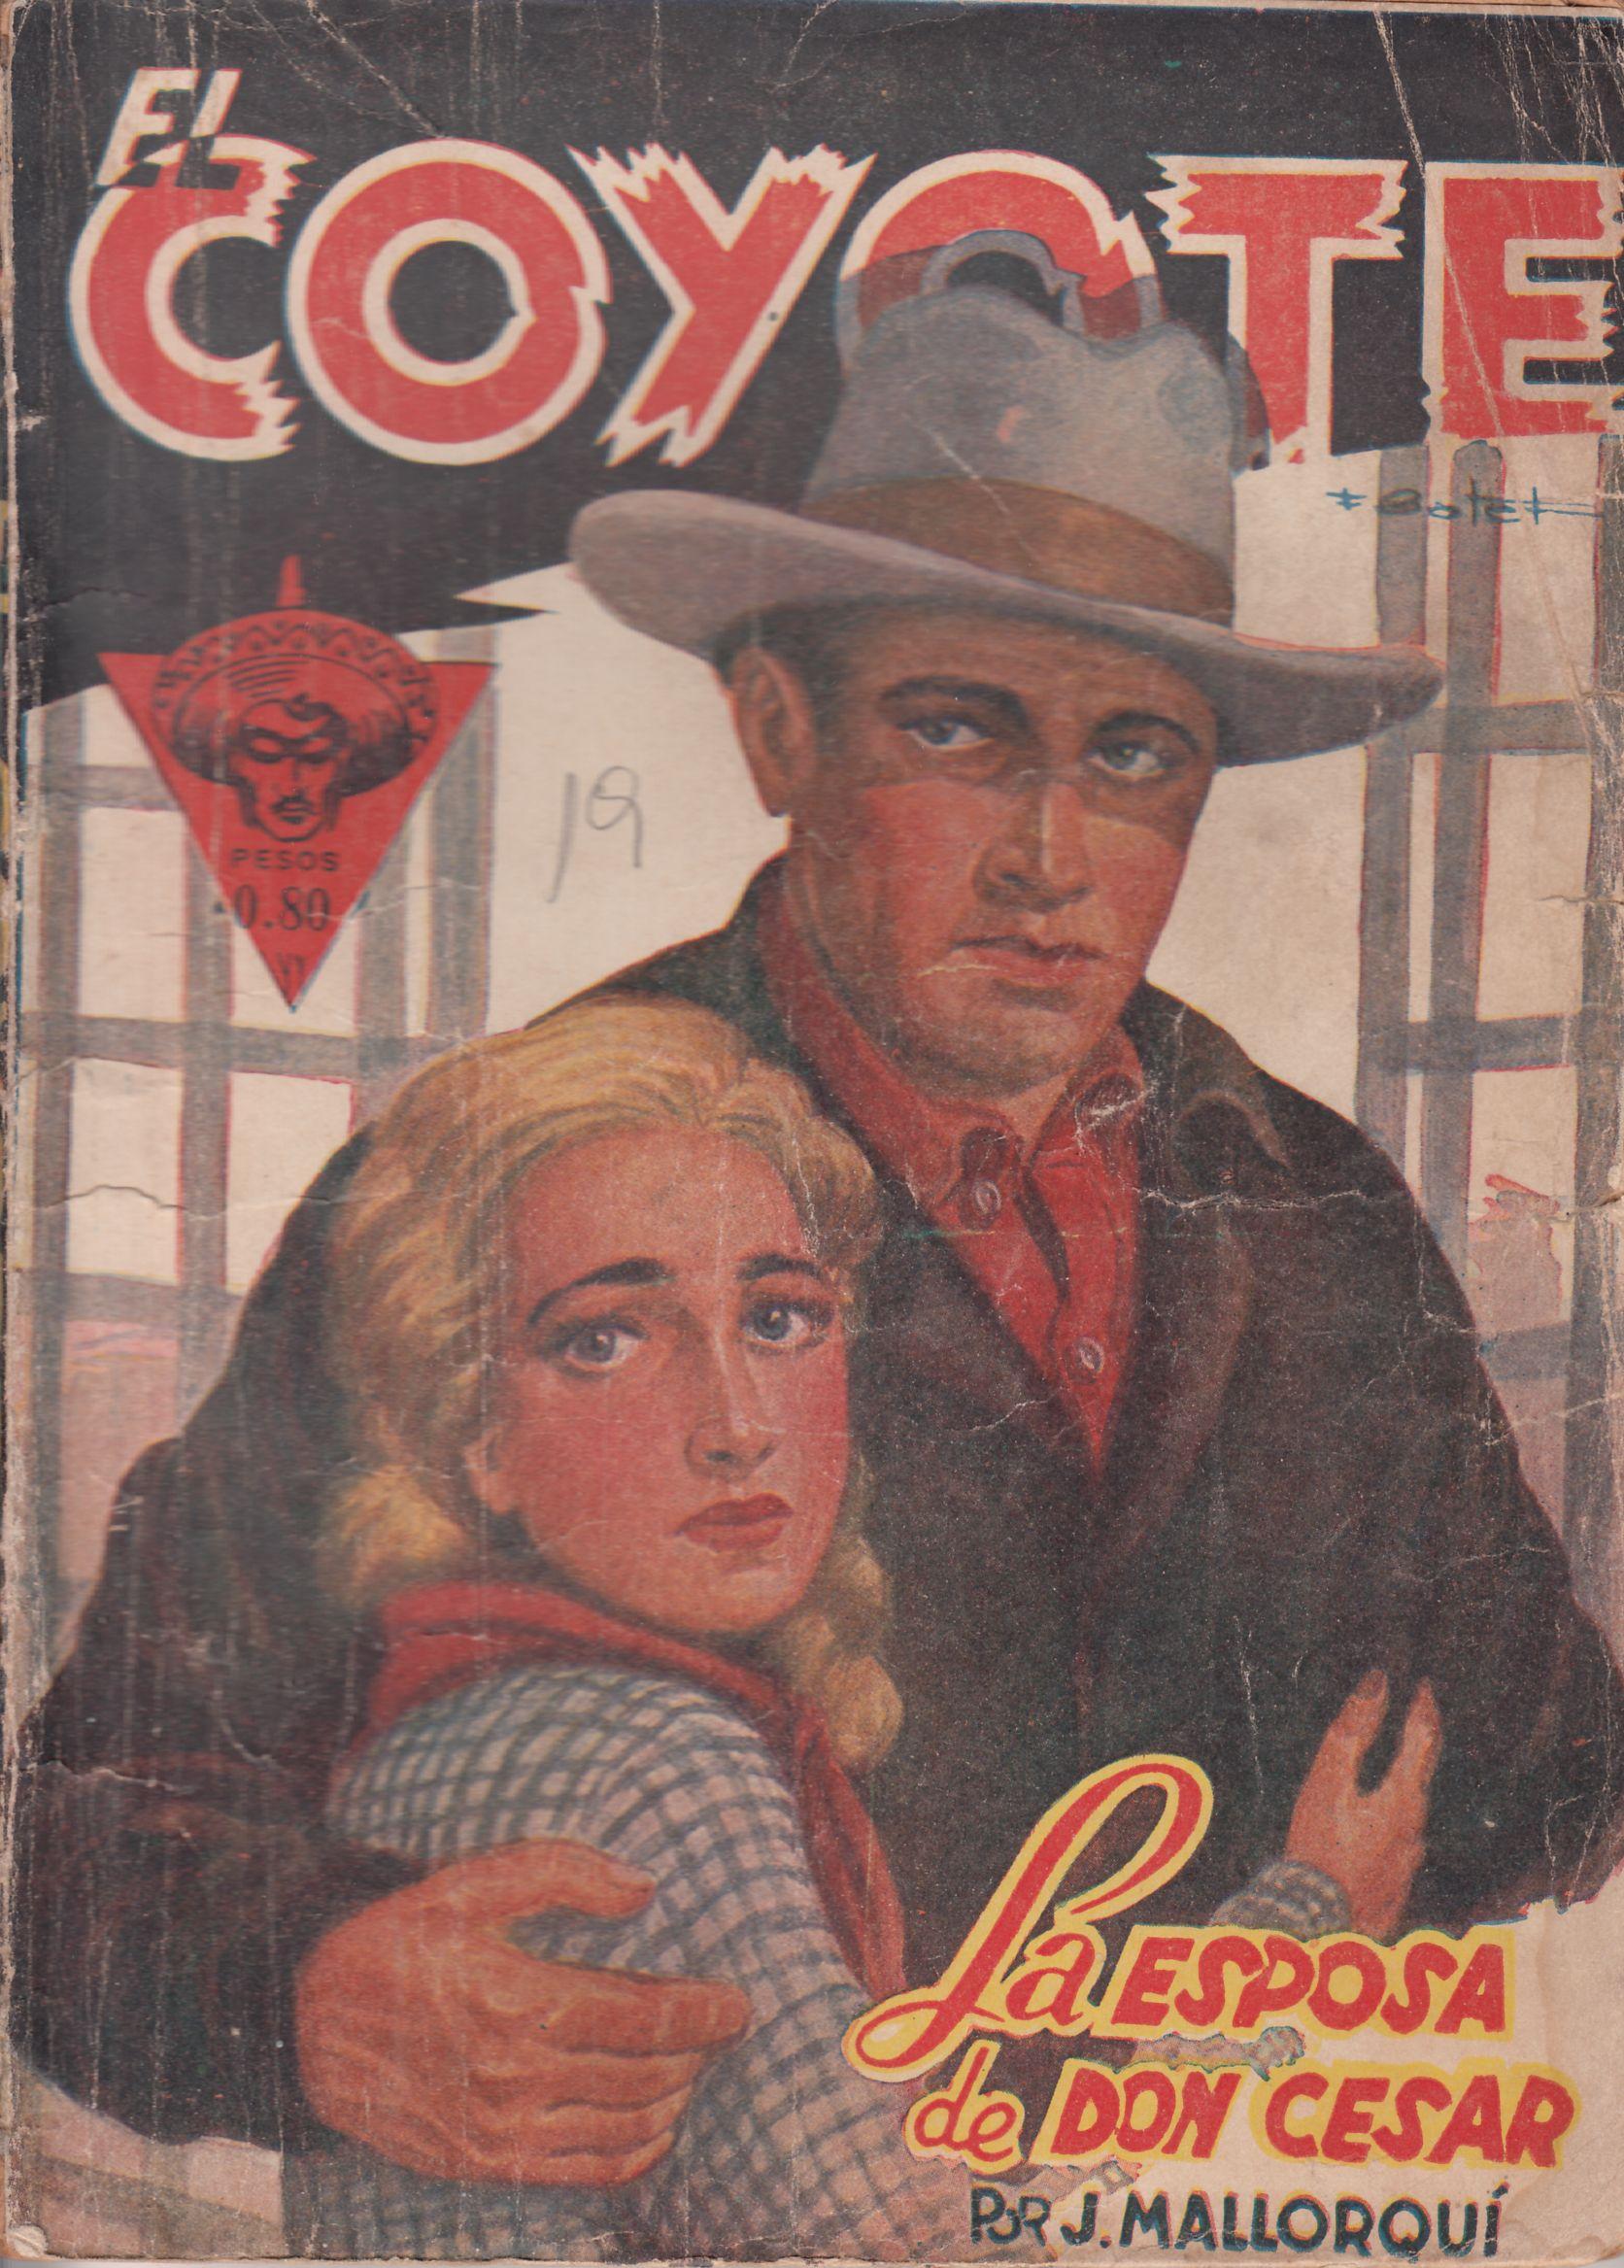 La esposa de don César. Ed. Queromon, 1949 (Col. El Coyote ; 19)